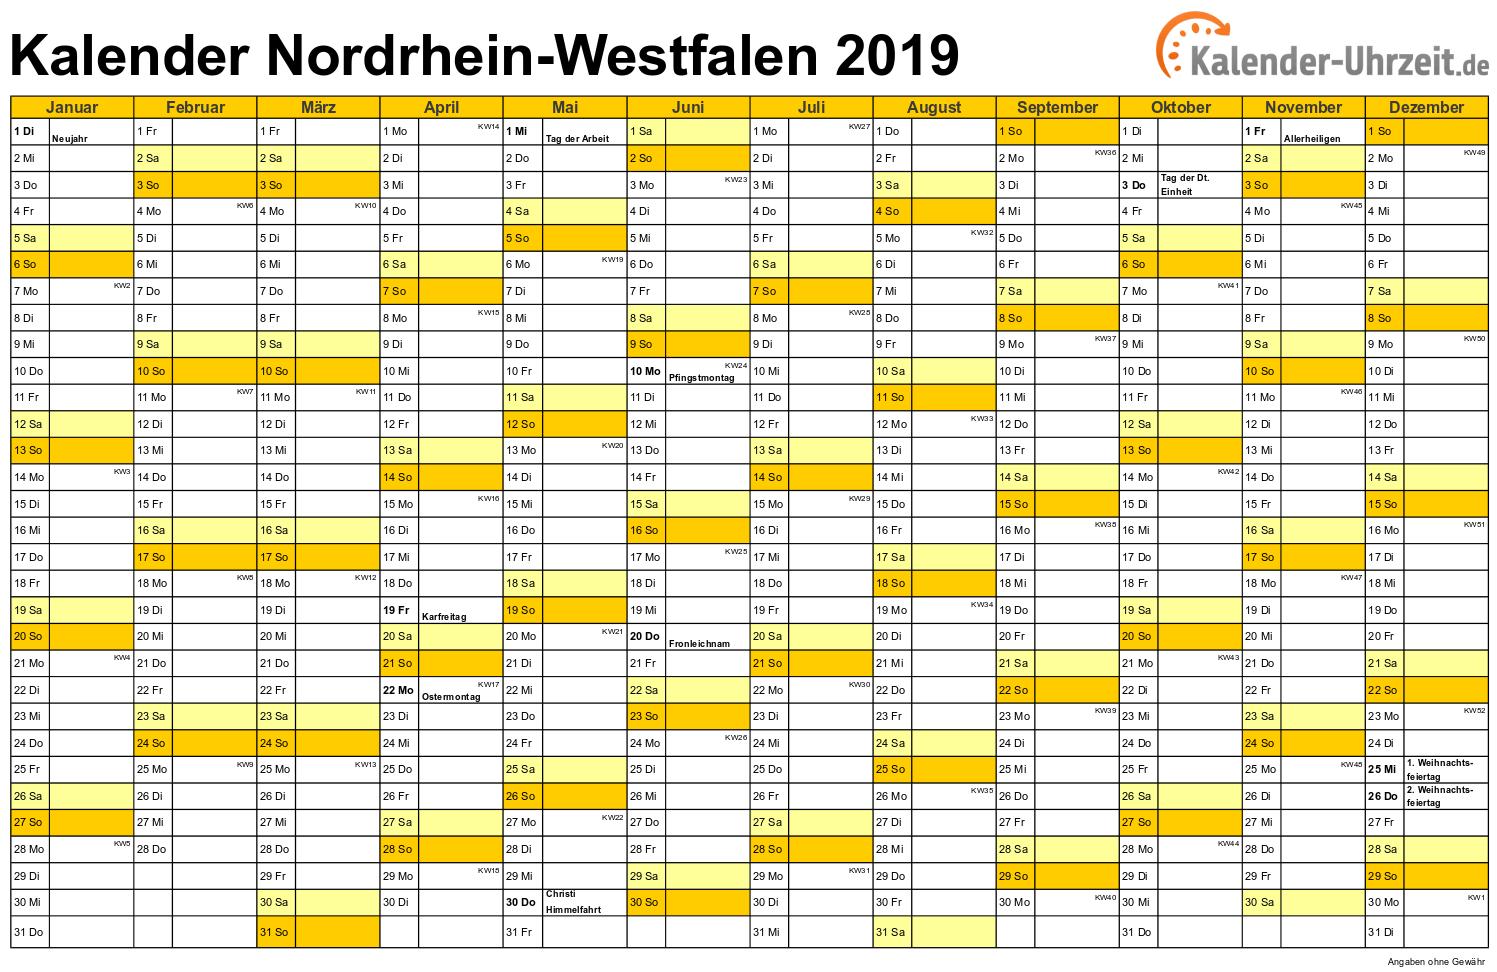 Nordrhein-Westfalen Kalender 2019 mit Feiertagen - quer-einseitig